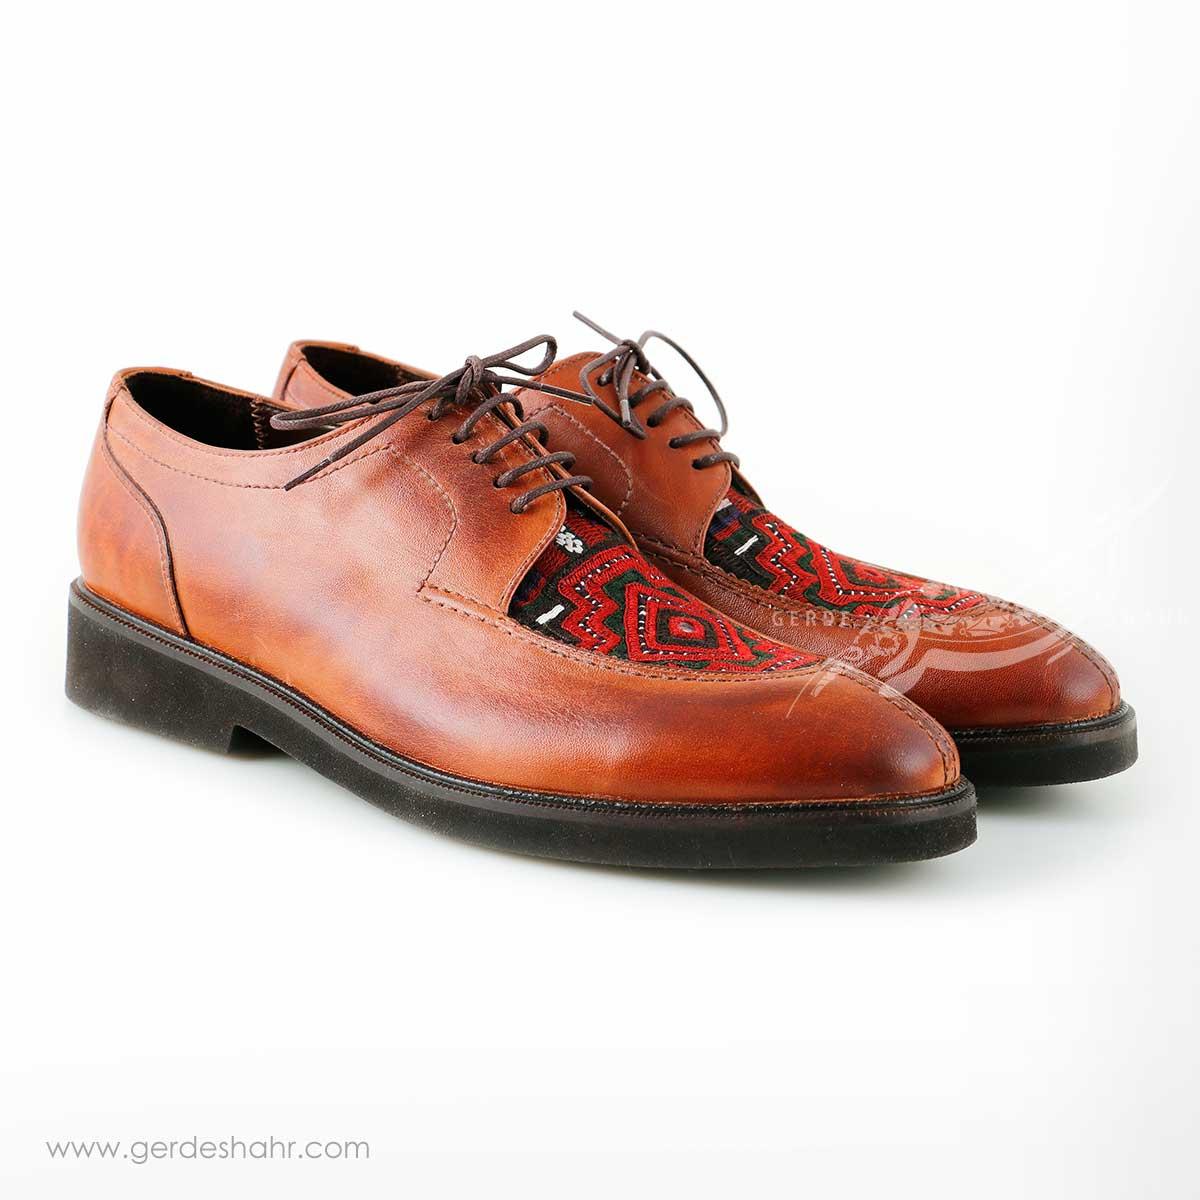 کفش مردانه چرمی دست دوز سوزندوزی عسلی سایز 40 چاوان - chavan